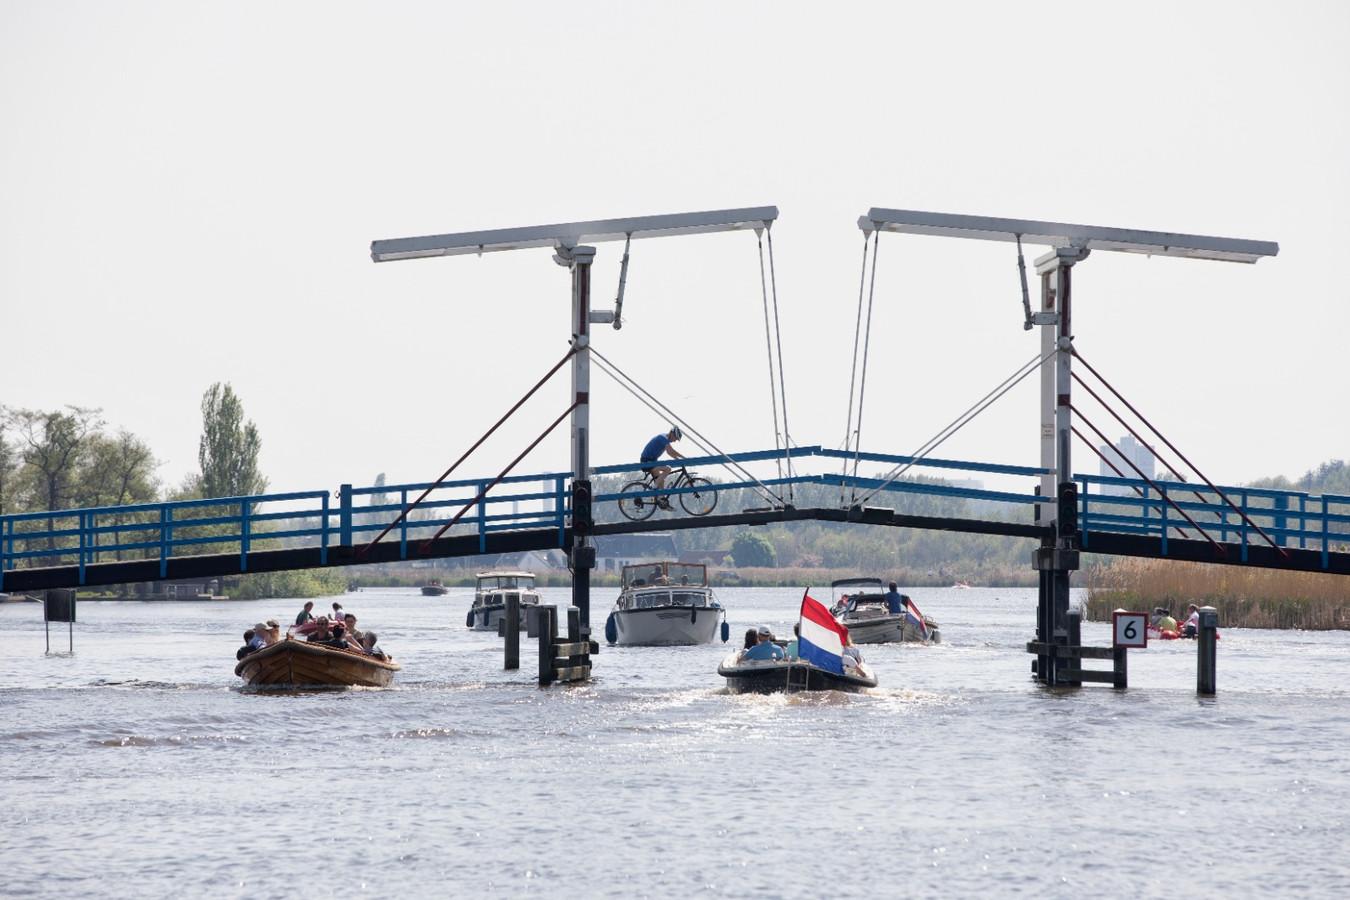 Het recreatieverkeer op de Rotte wordt twee maanden gehinderd door het werk aan rijksweg A16 Rotterdam. Boten varen hier onder de Pekhuisbrug bij Bleiswijk en Zevenhuizen op weg naar de Rottemeren.